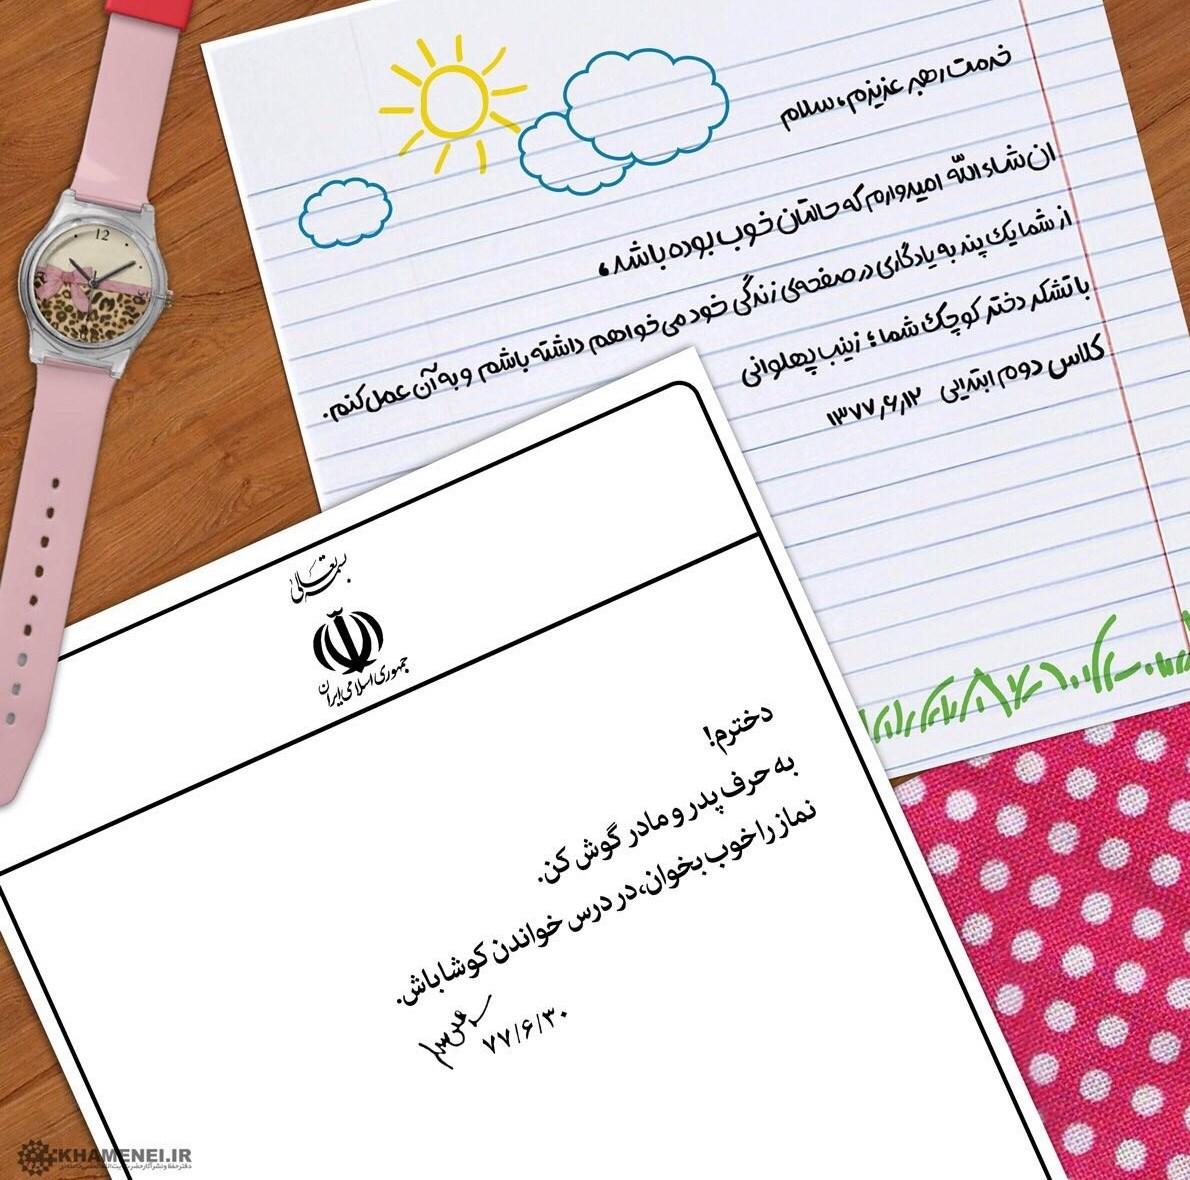 پاسخ رهبر به نامه دختر نوجوان,عکس نامه دختری نوجوان به رهبر,جواب رهبر به نامه دختر کوچولو,نامه زینب به رهبر ایران و پاسخ رهبری به او,نامه زینب پهلوانی